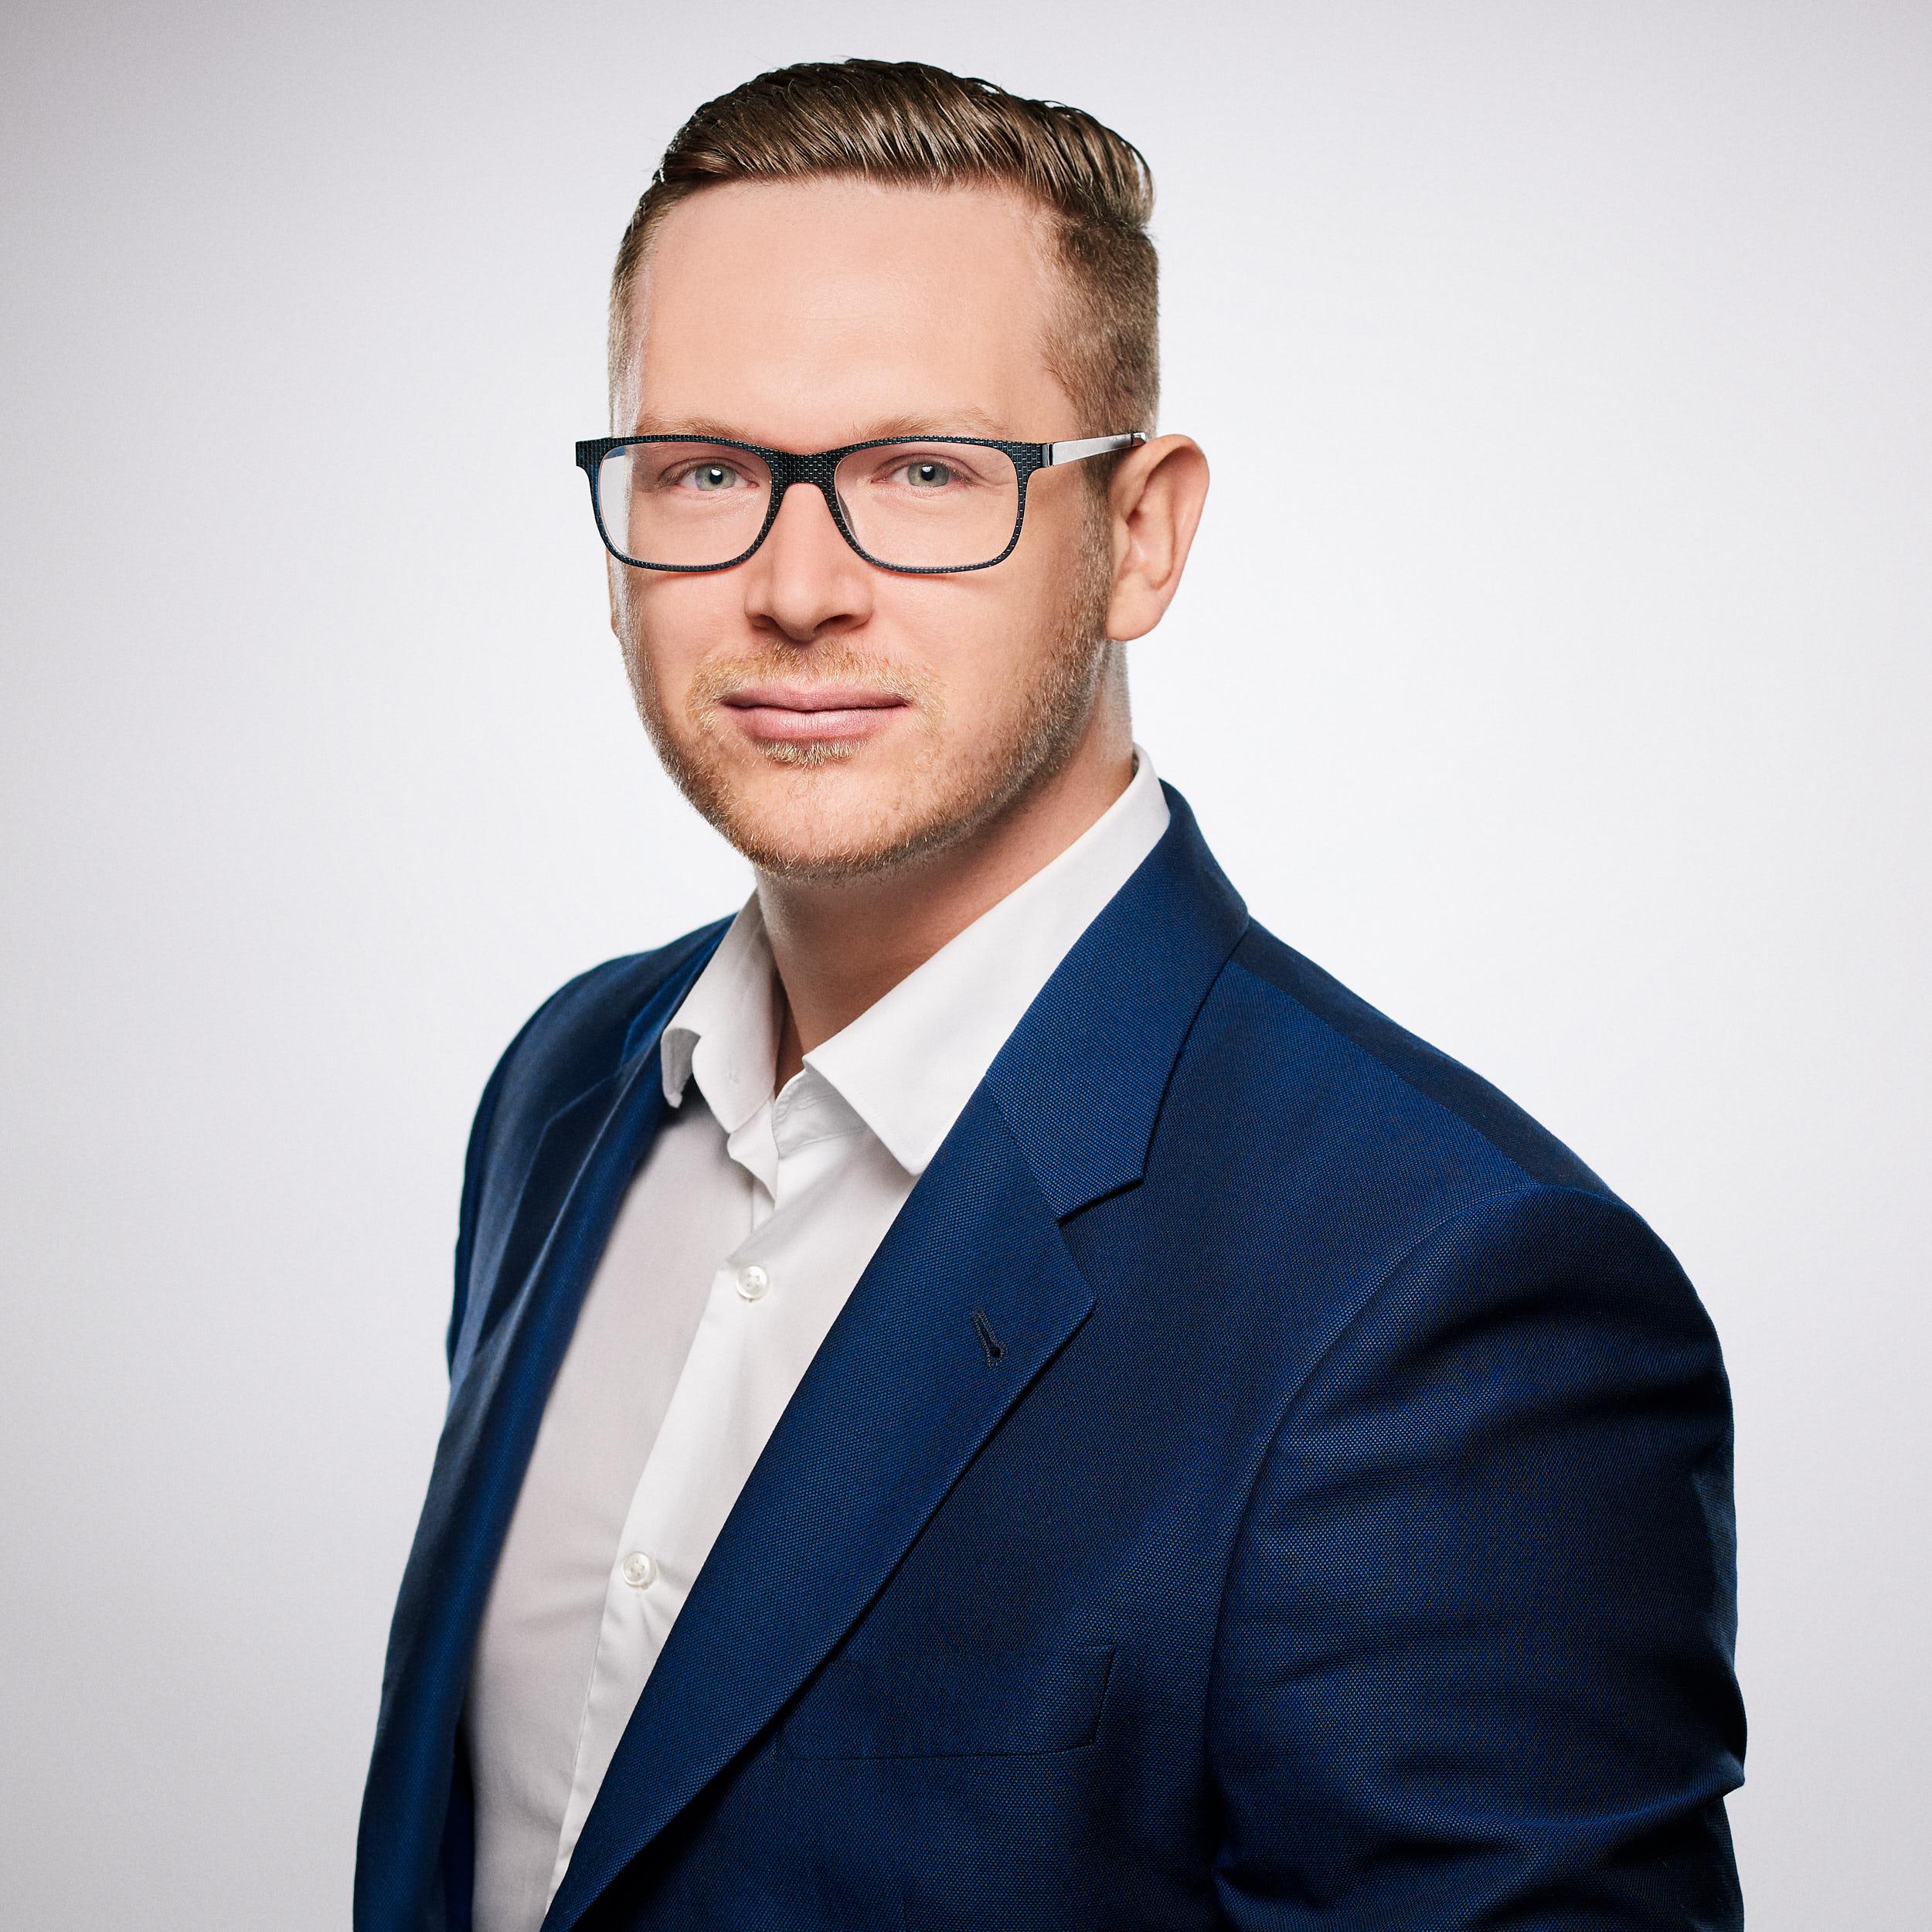 Dimoco Senior Sales Manager Onebip Sascha Börnsen